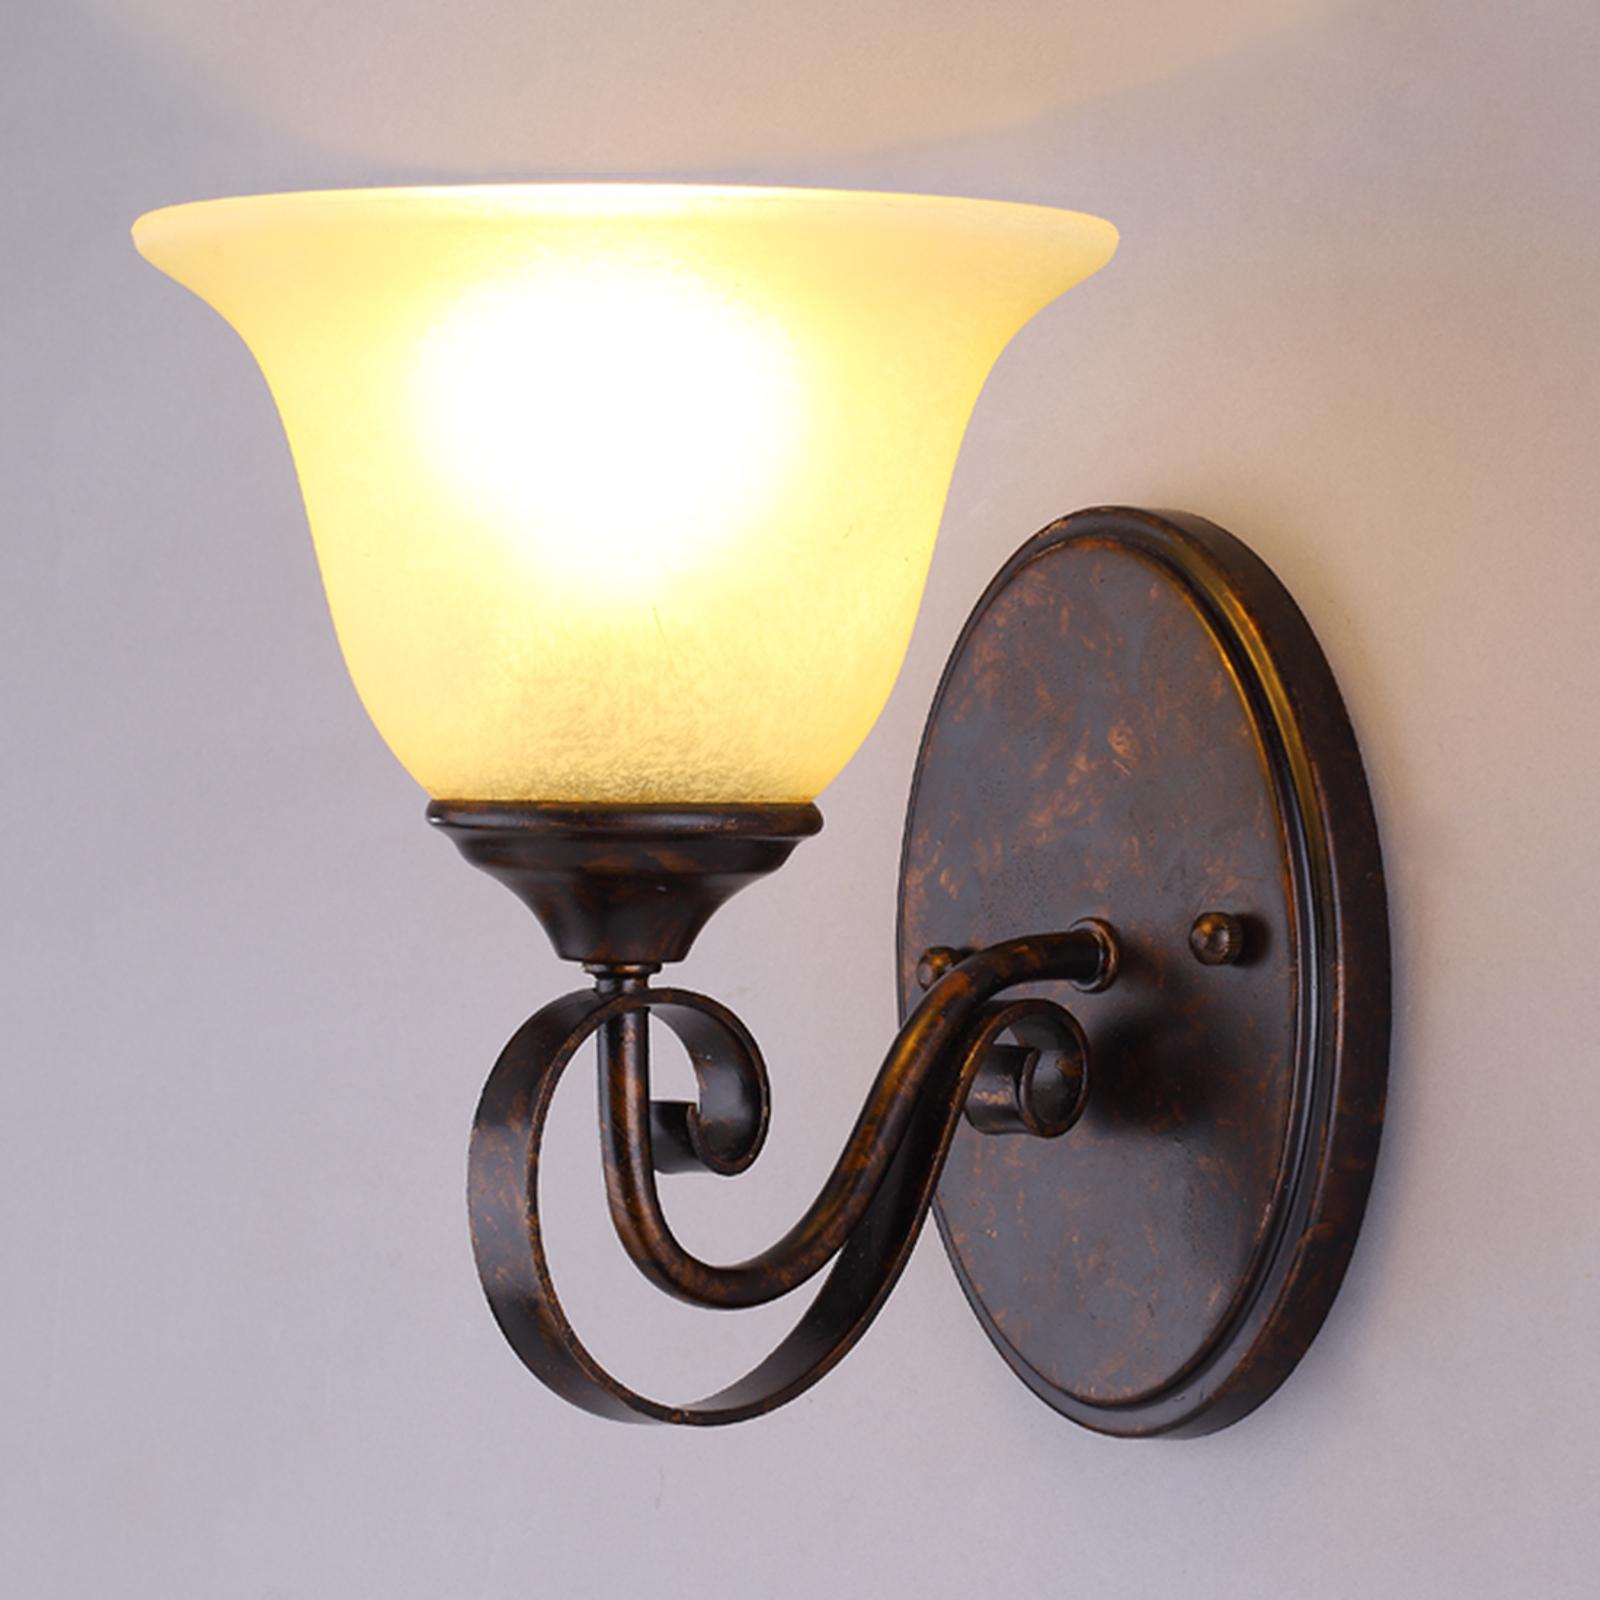 Lucande Nástěnná lampa Svera ve venkovském stylu, LED E27